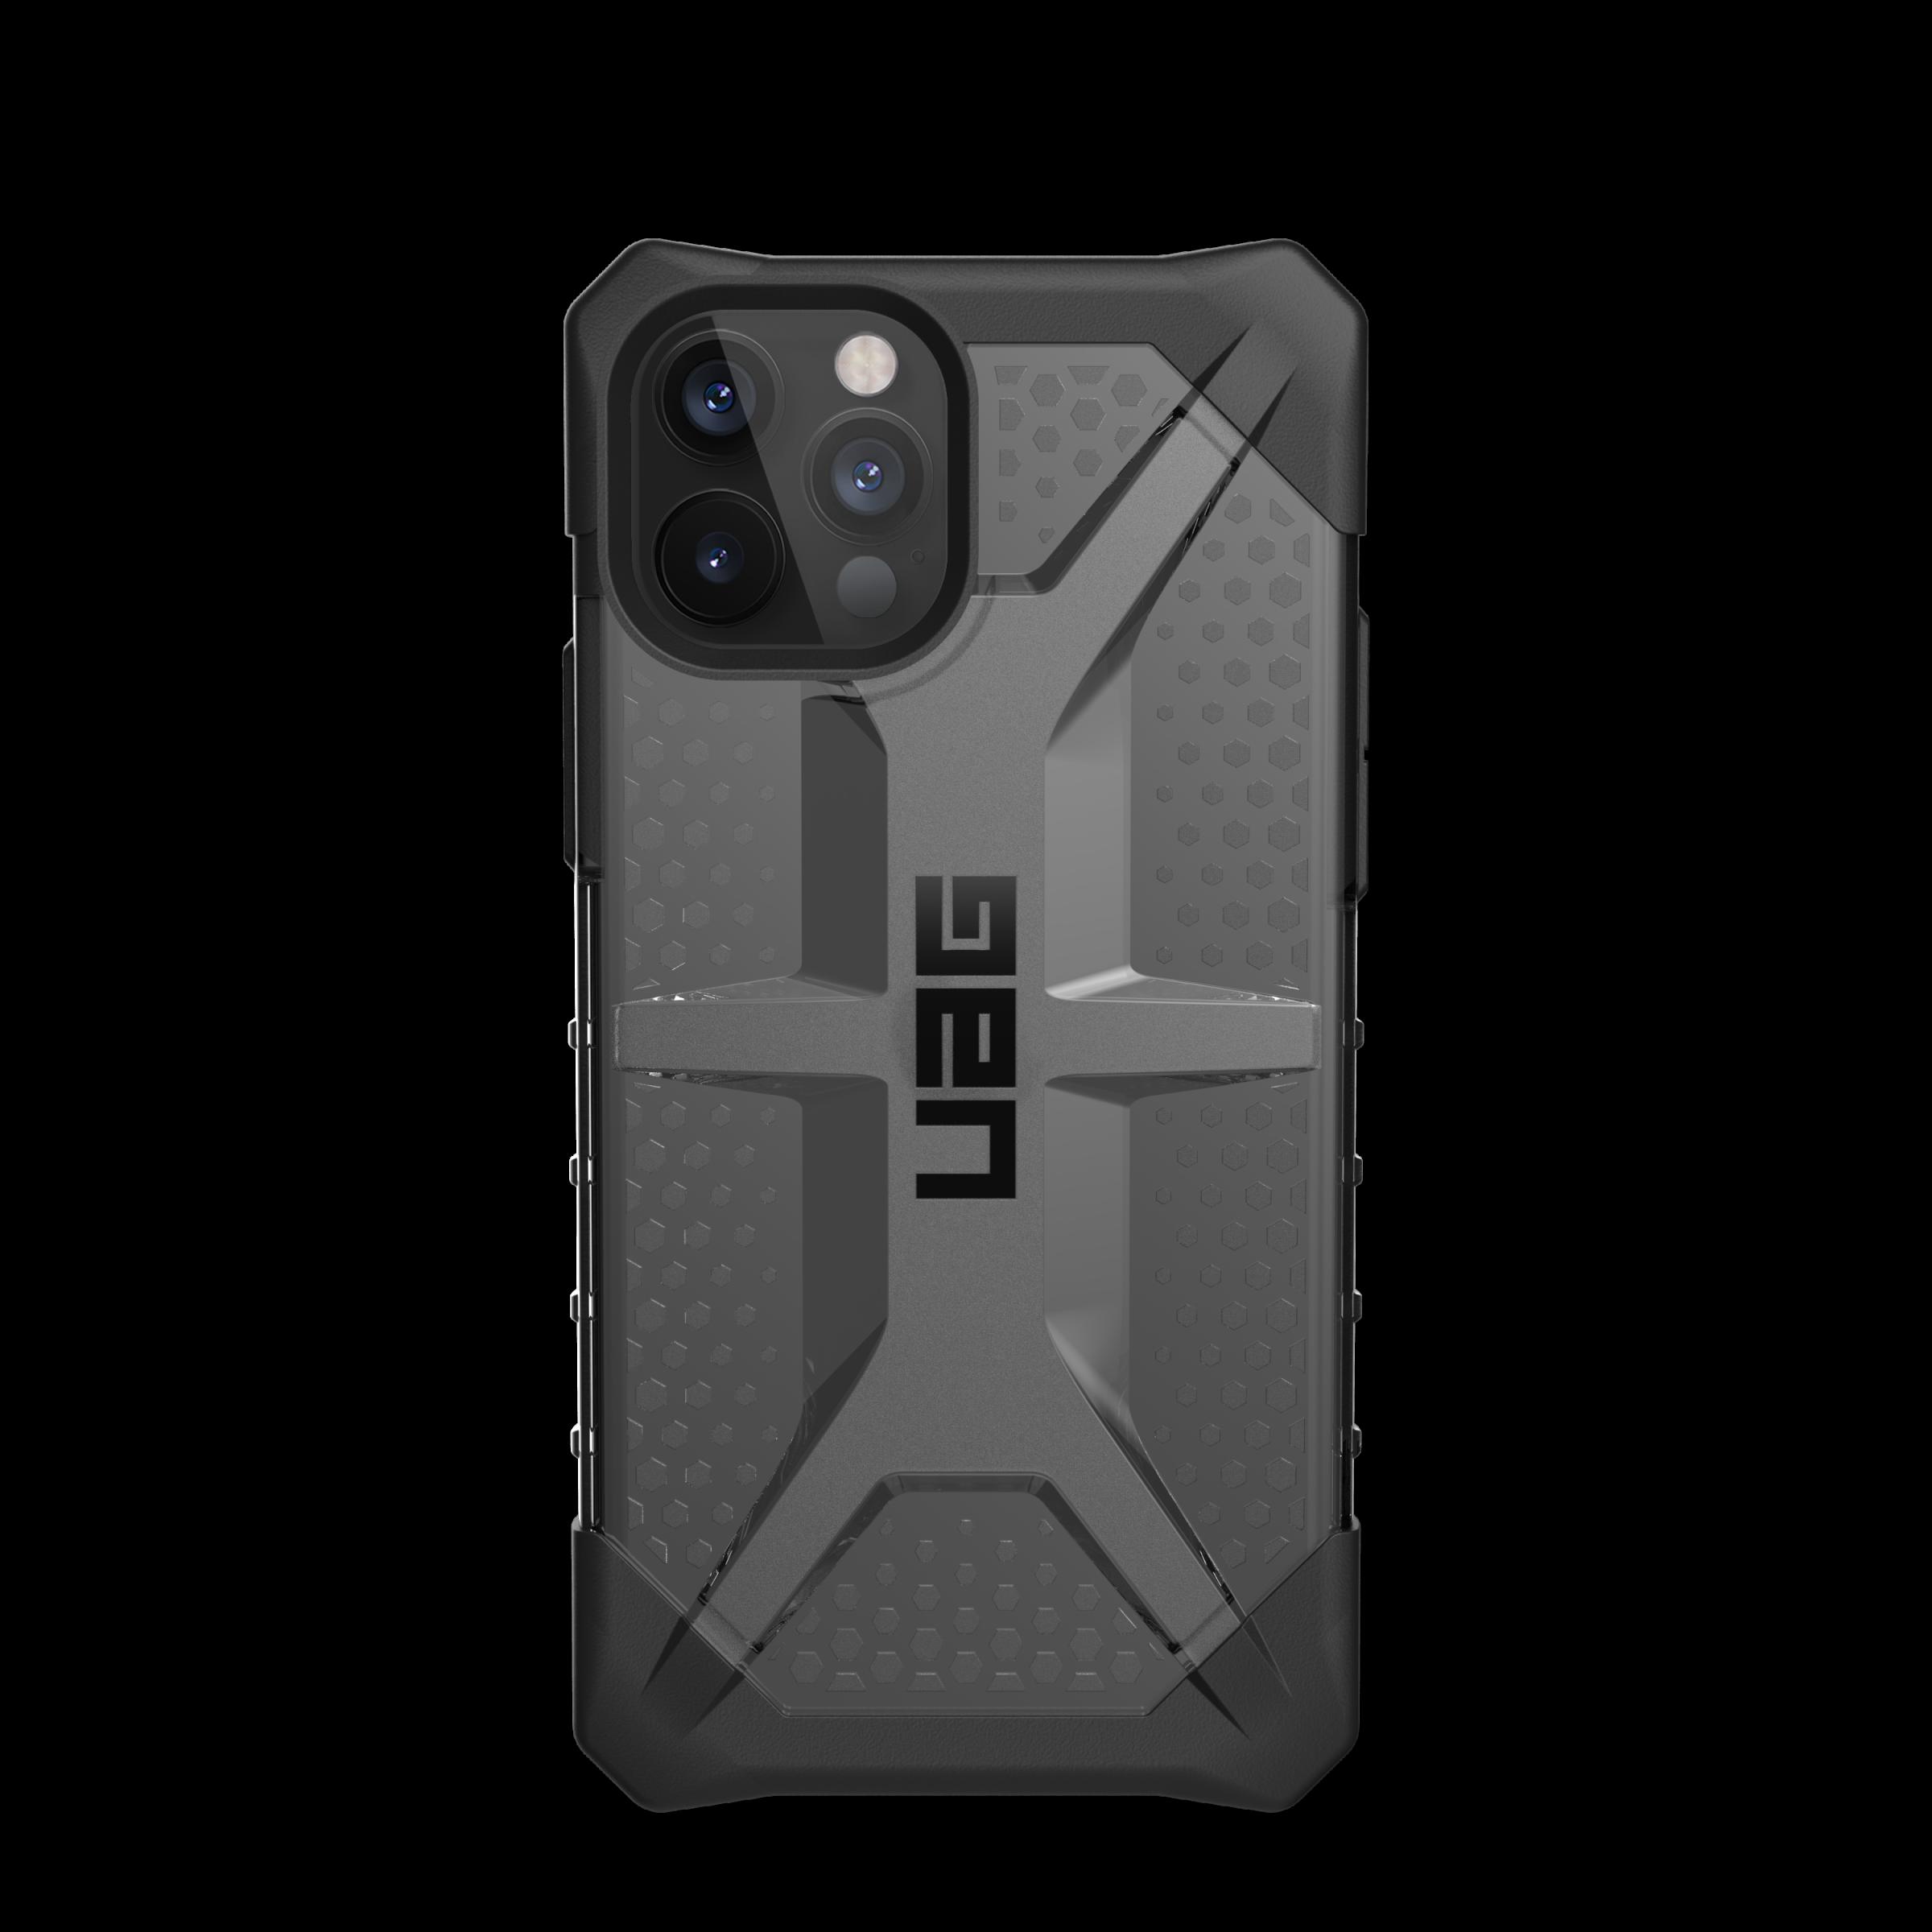 Plasma Series Case iPhone 12 Pro Max Ash